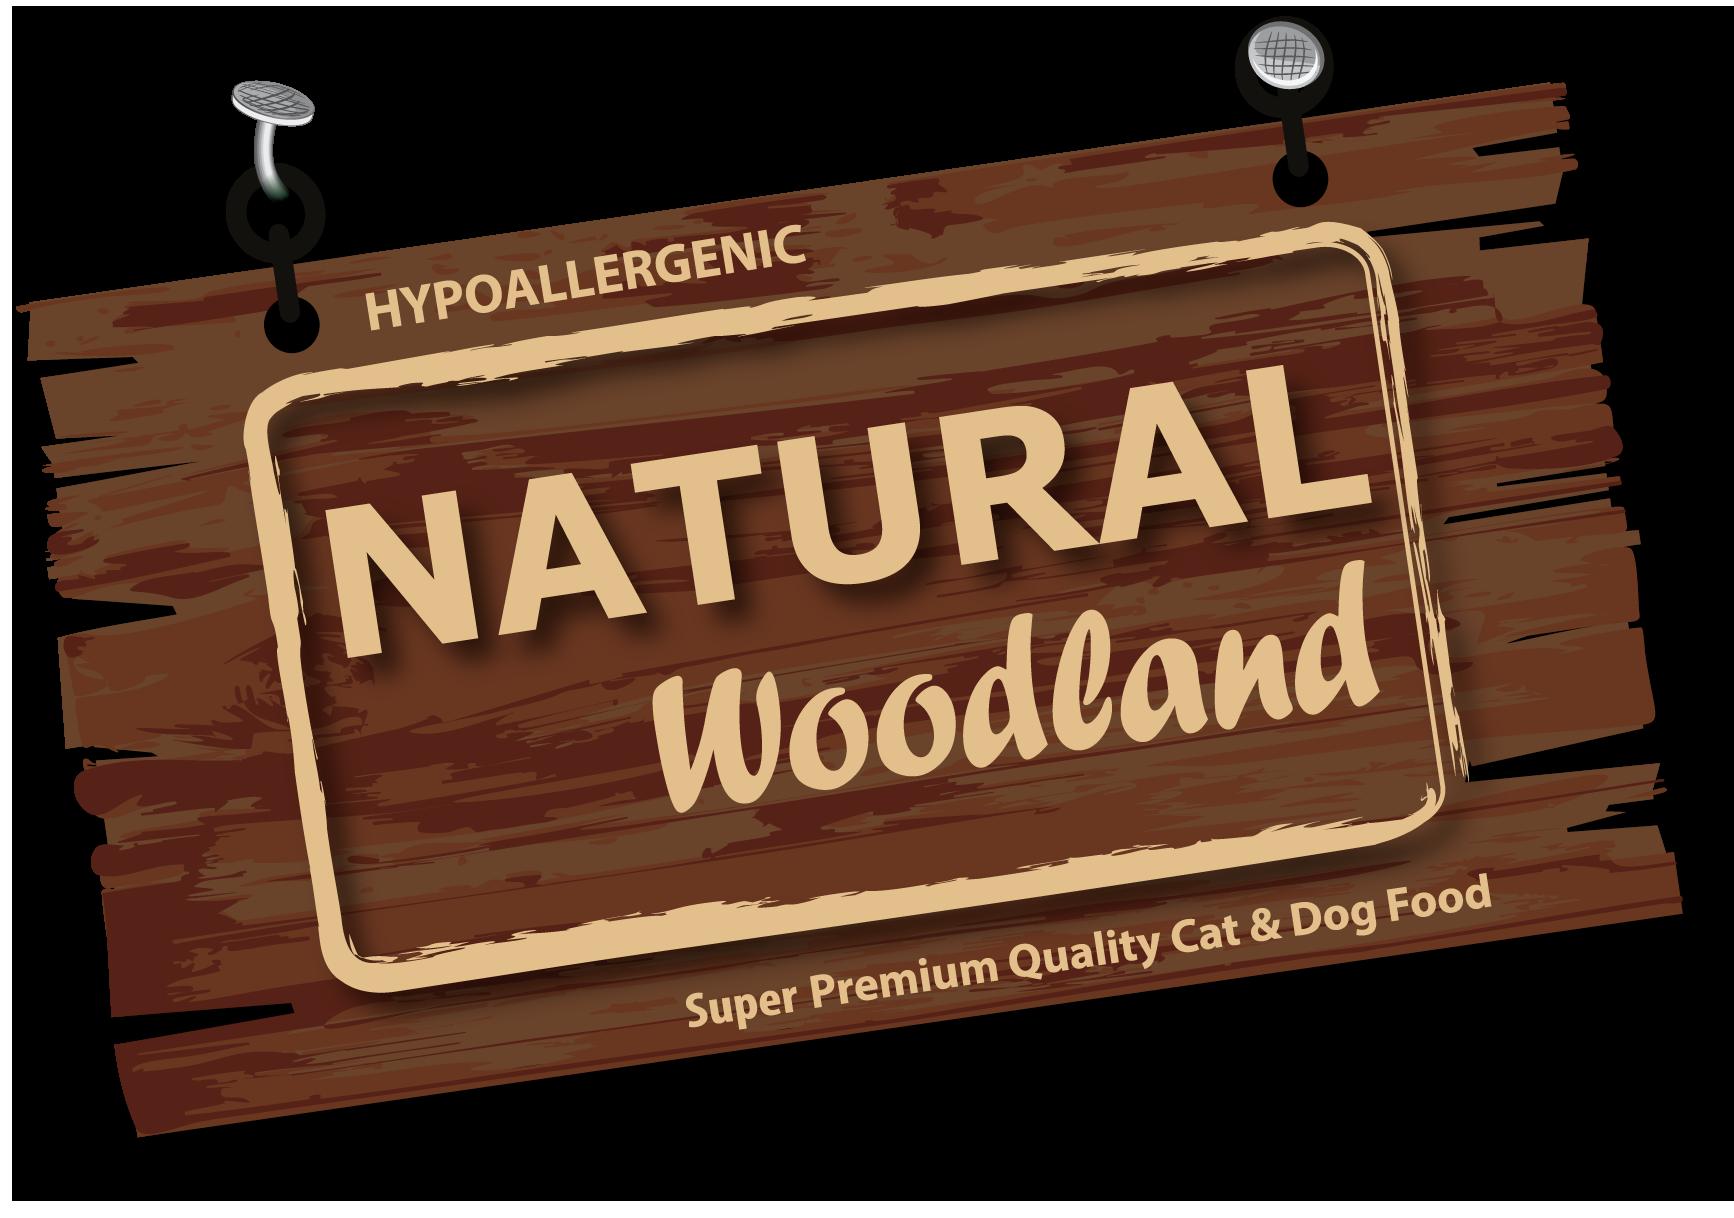 Natural Woodland